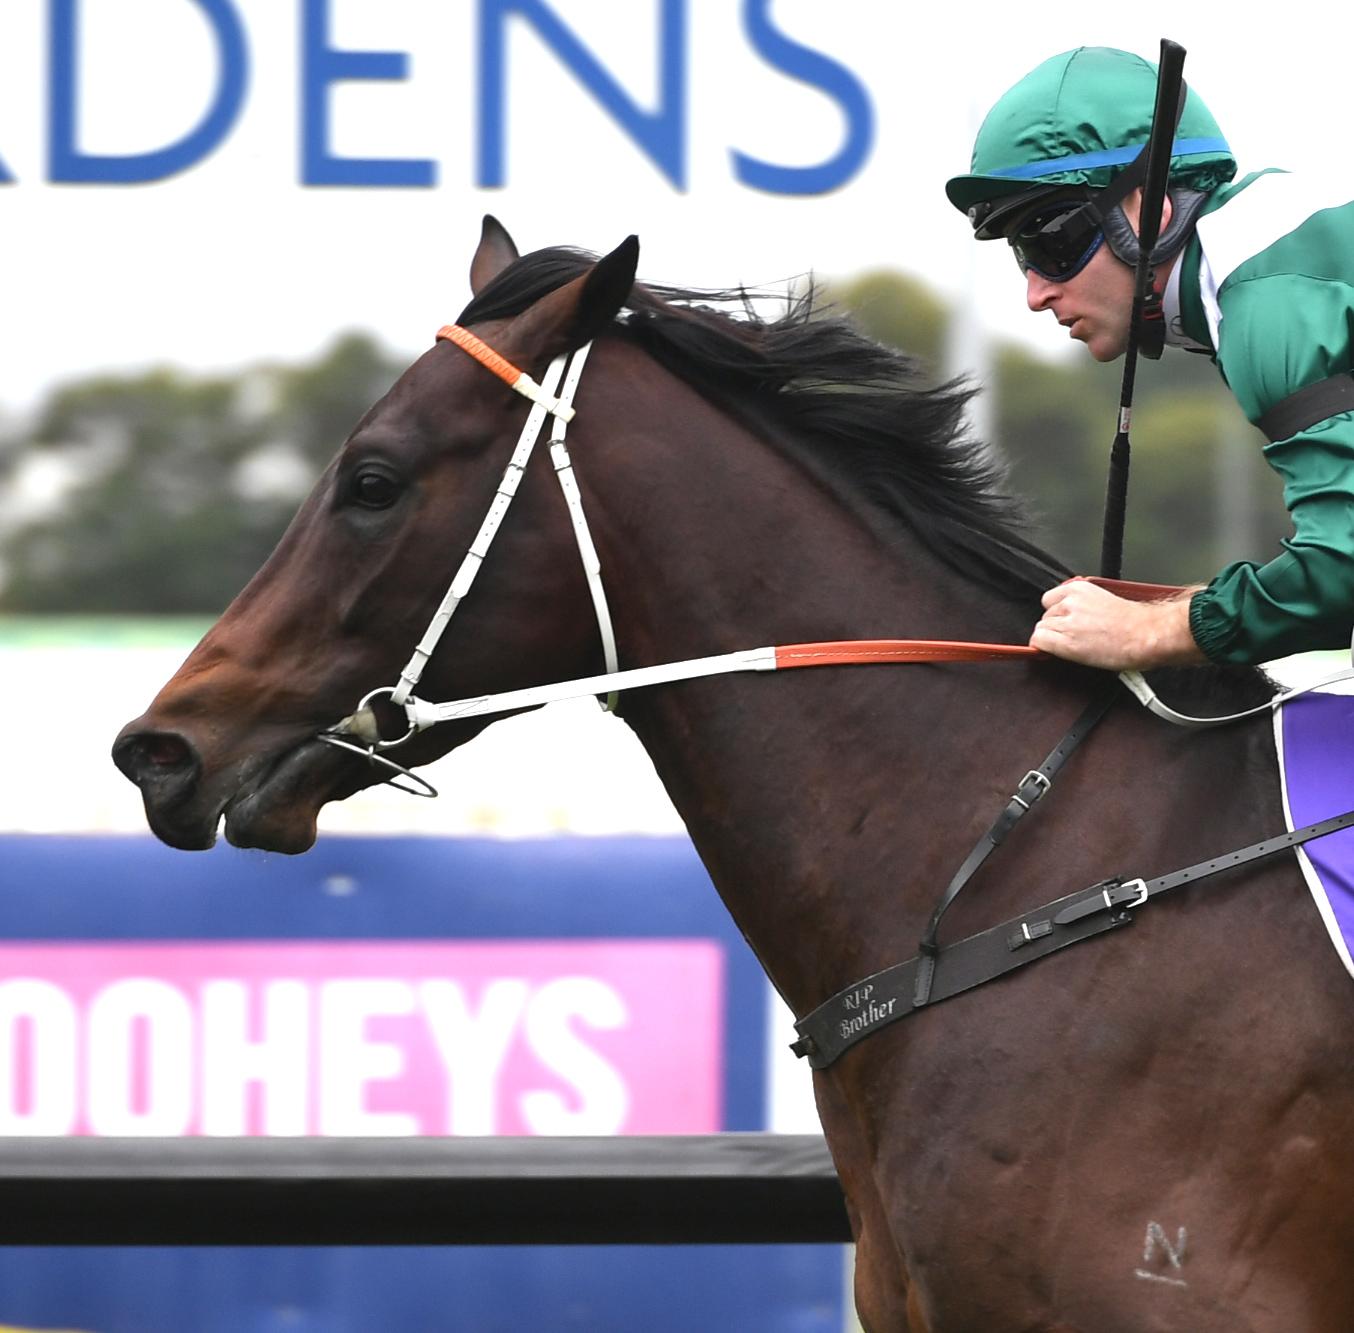 https://www.stallions.com.au/wp-content/uploads/2020/04/Exceedance-crop.jpg